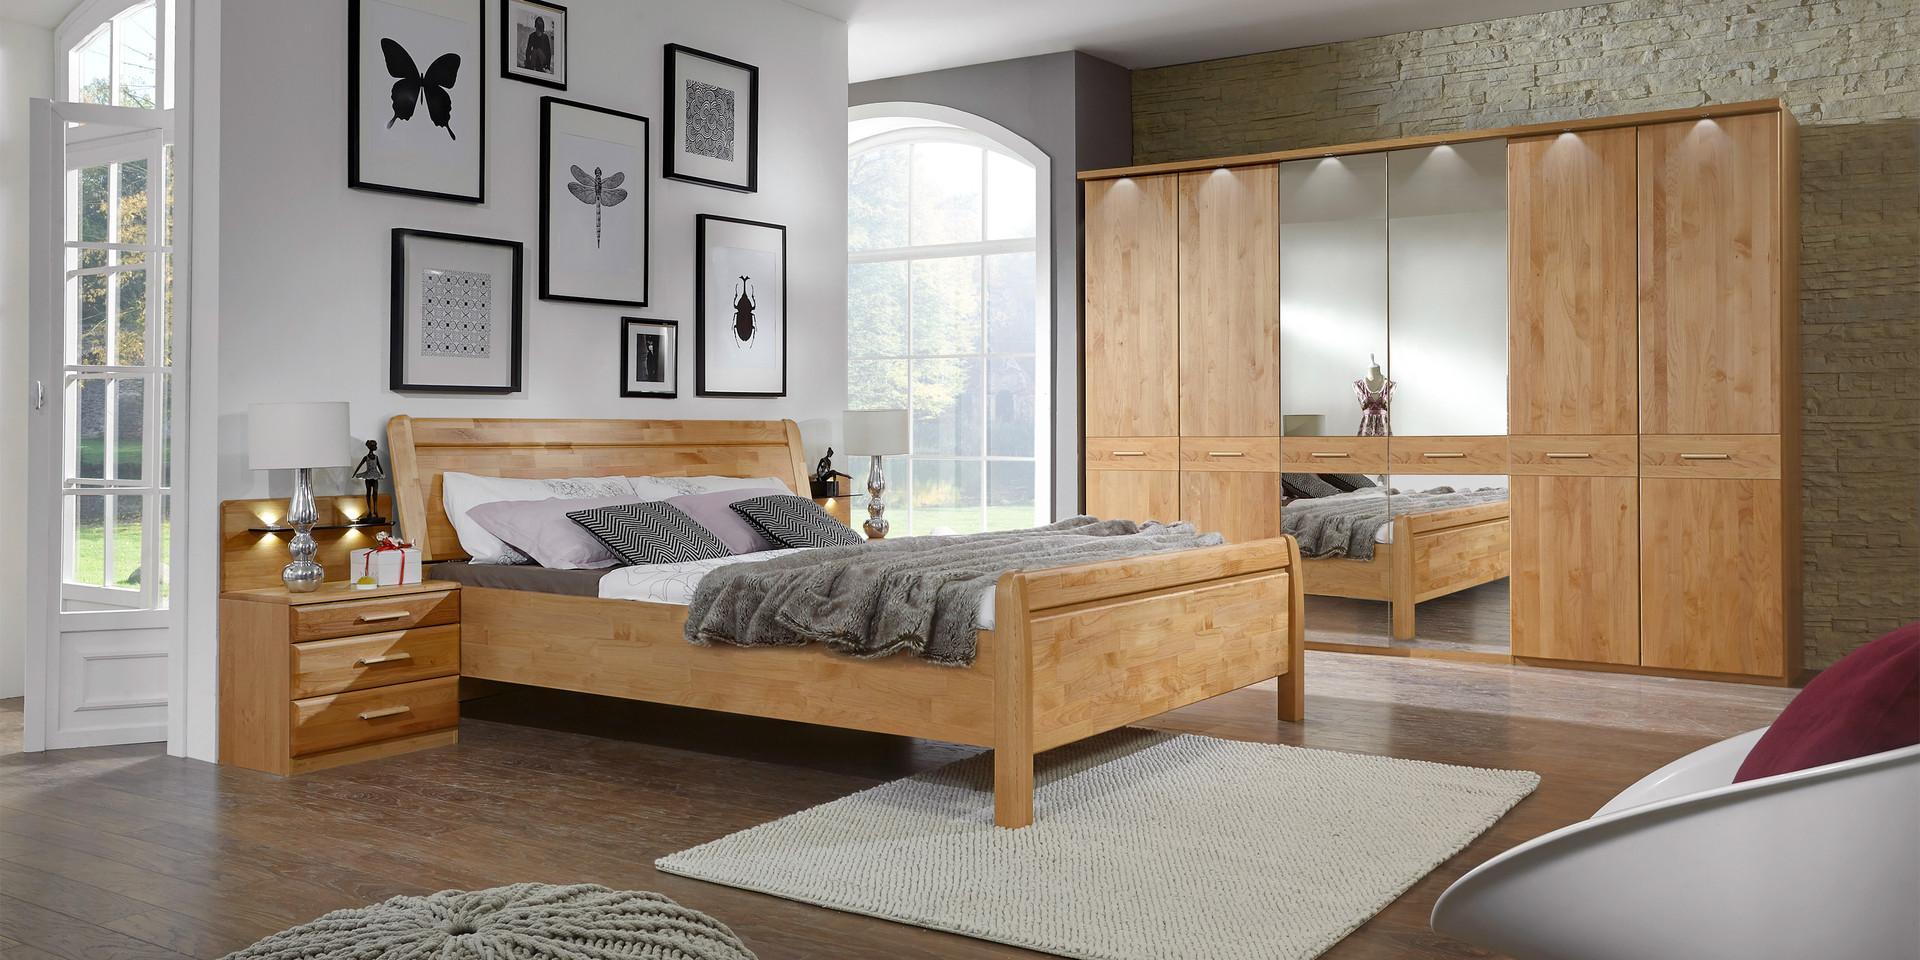 Schlafzimmer Klassisch Modern – bigschool.info